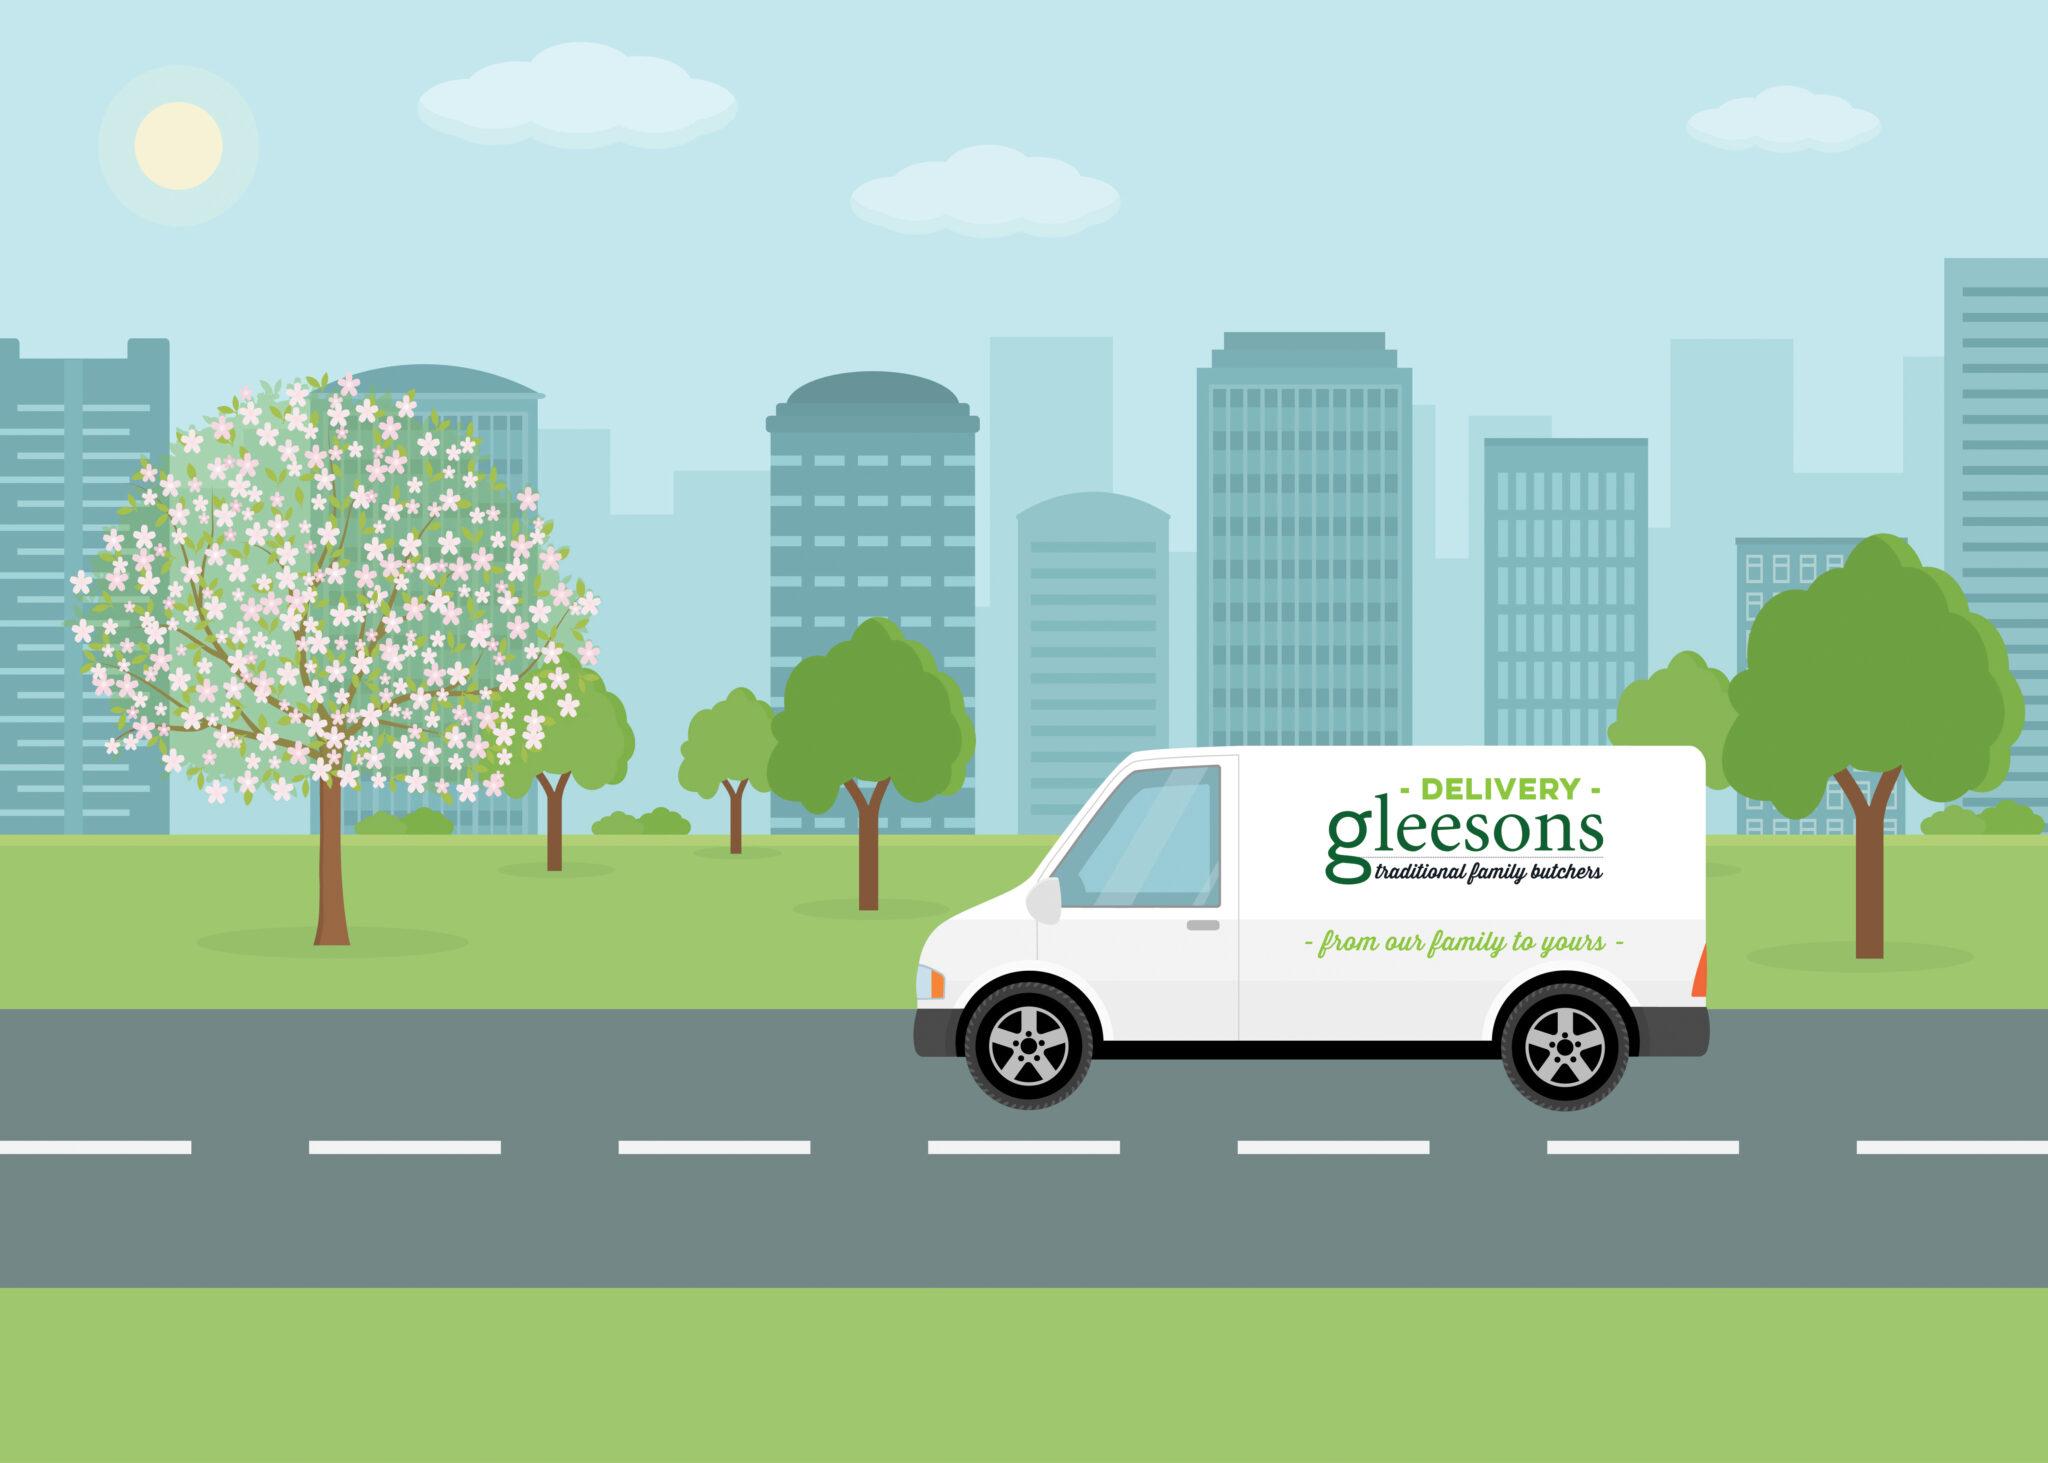 Gleesons-Delivery-Van (1)